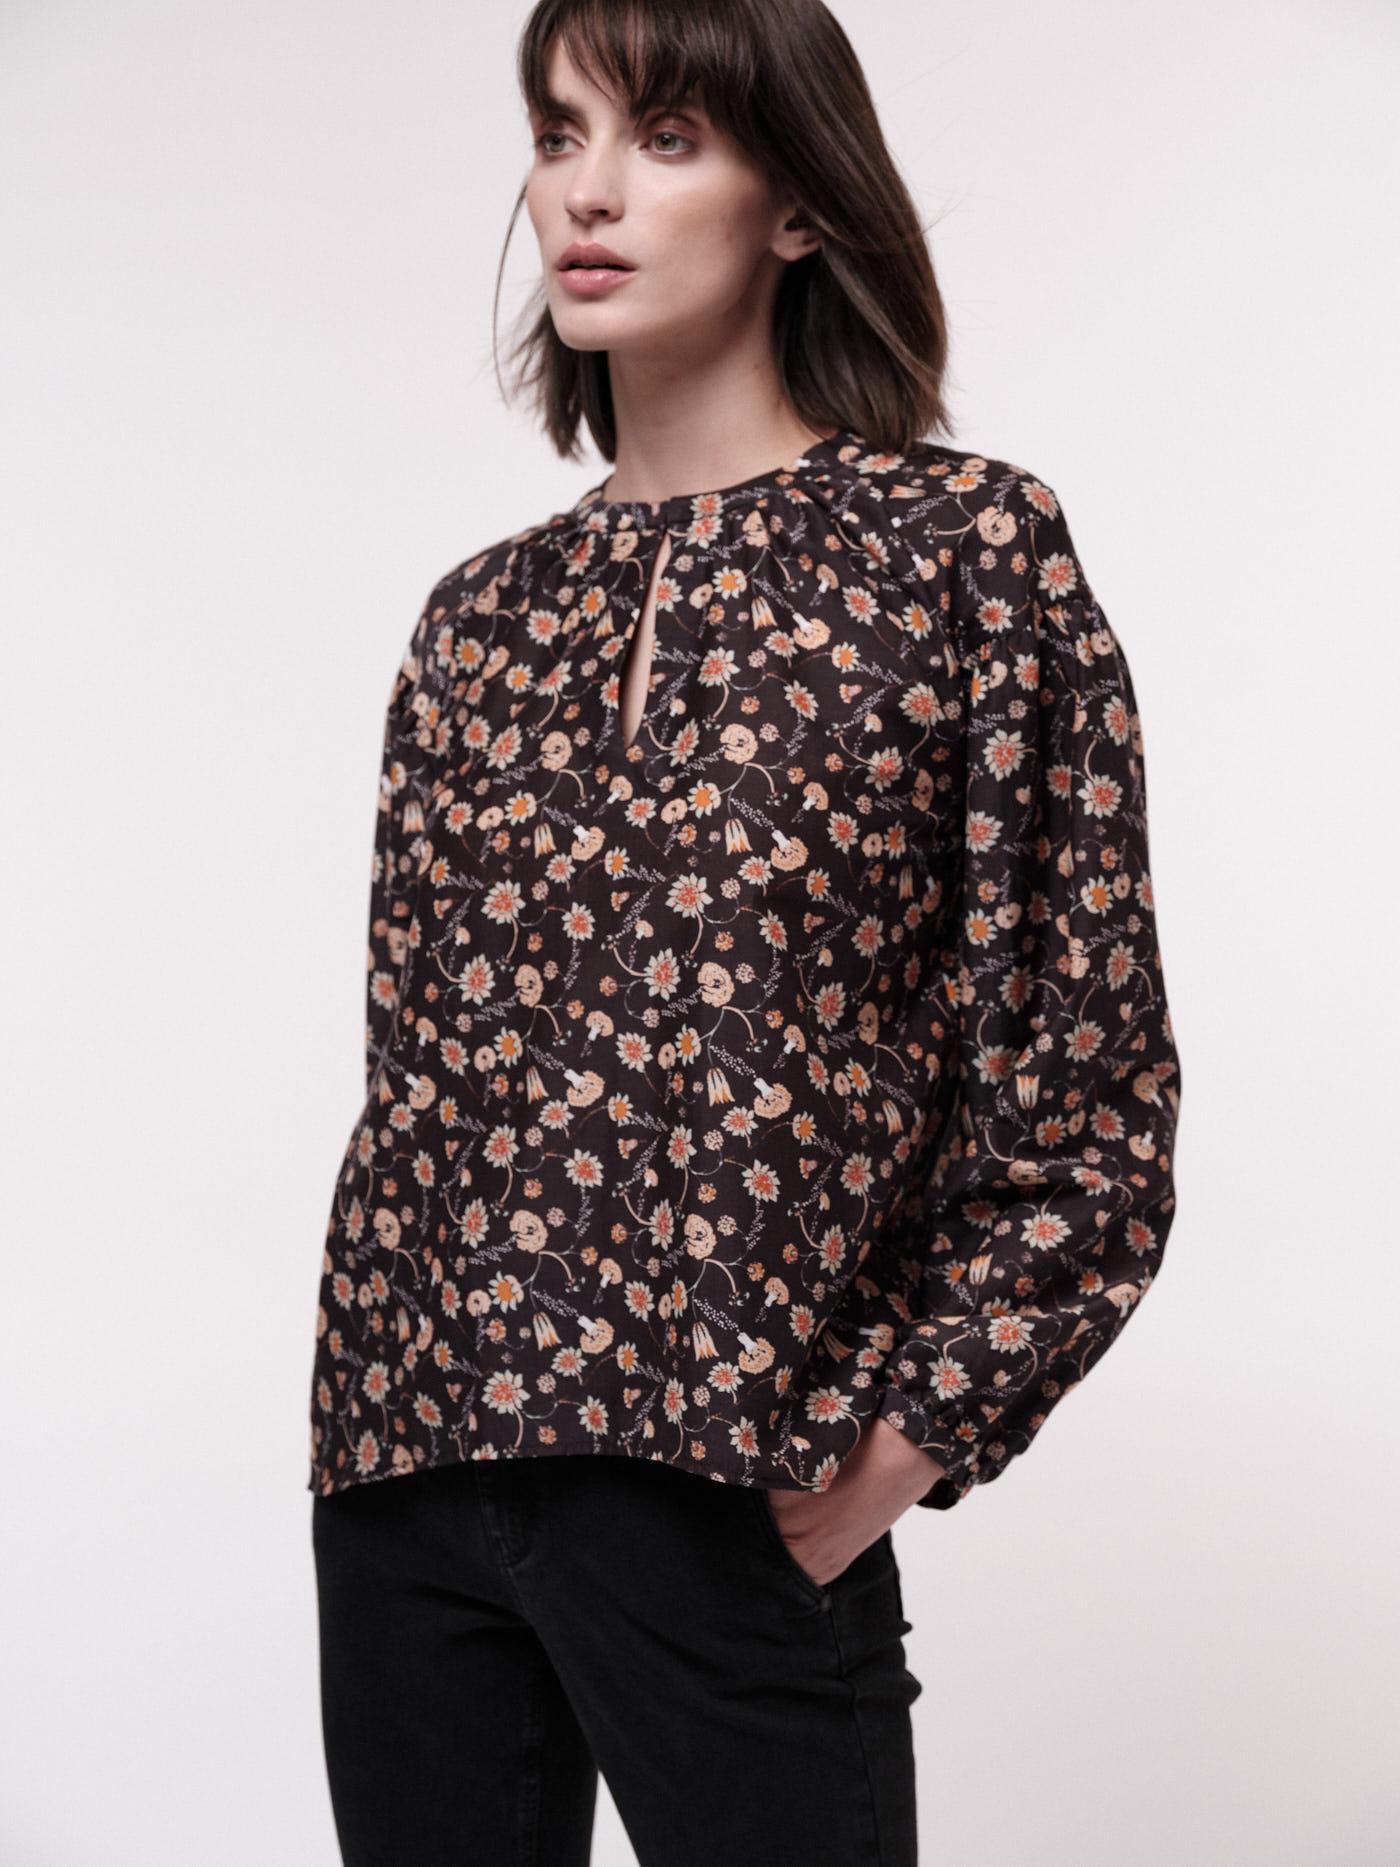 Gemusterte Bluse für Damen print botanic garden black mit Seide